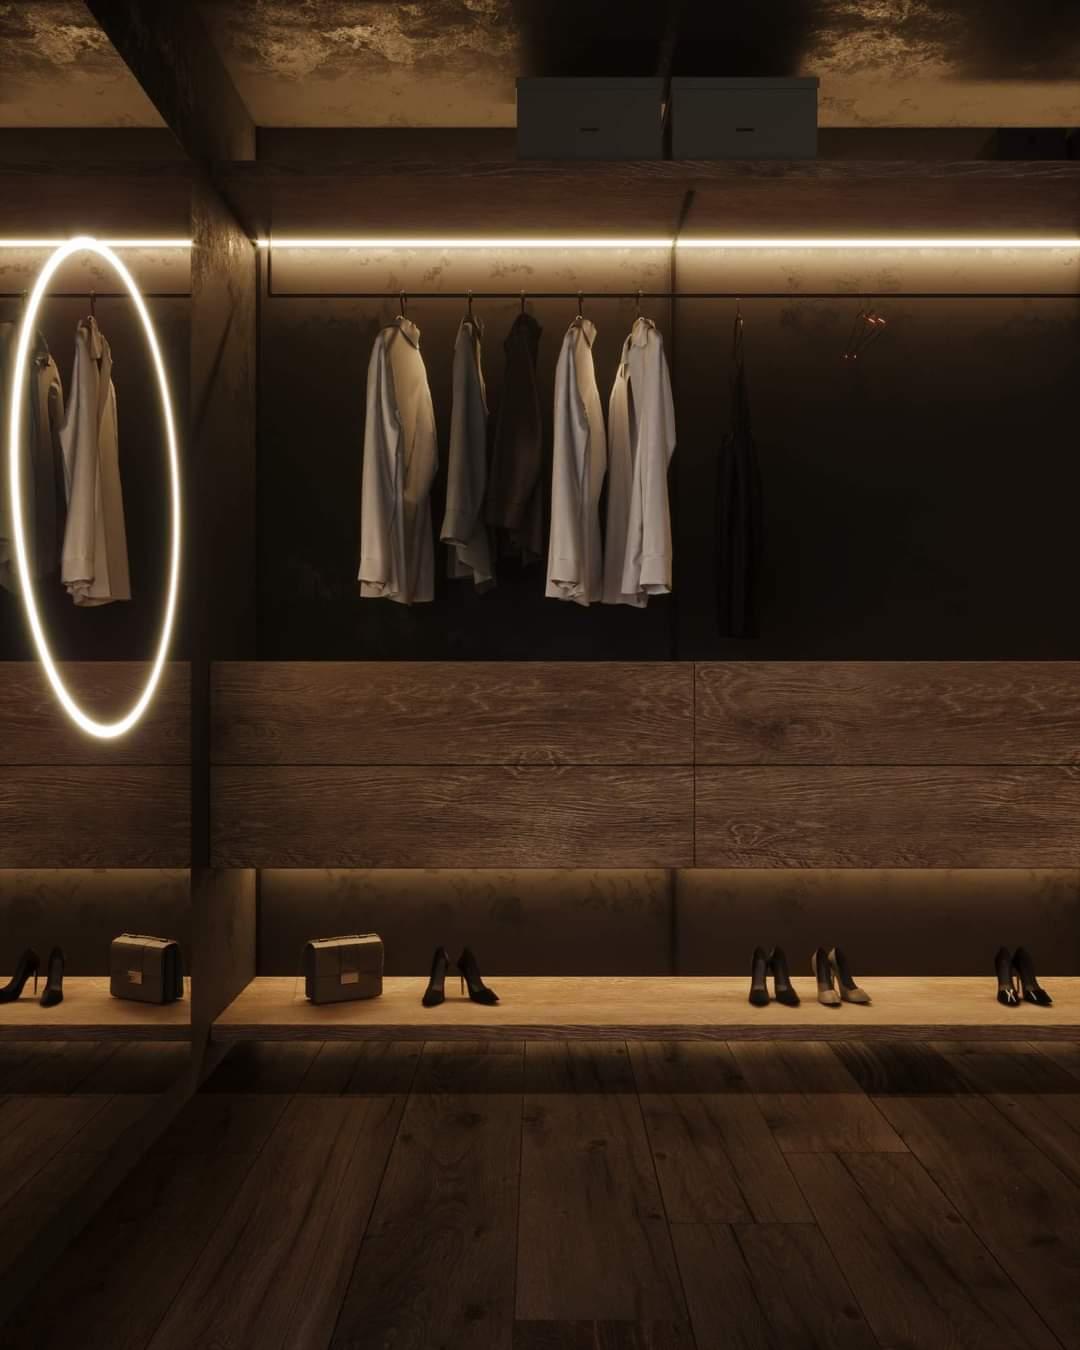 Beautiful Closet Set Up - Source: Kireevaaanna